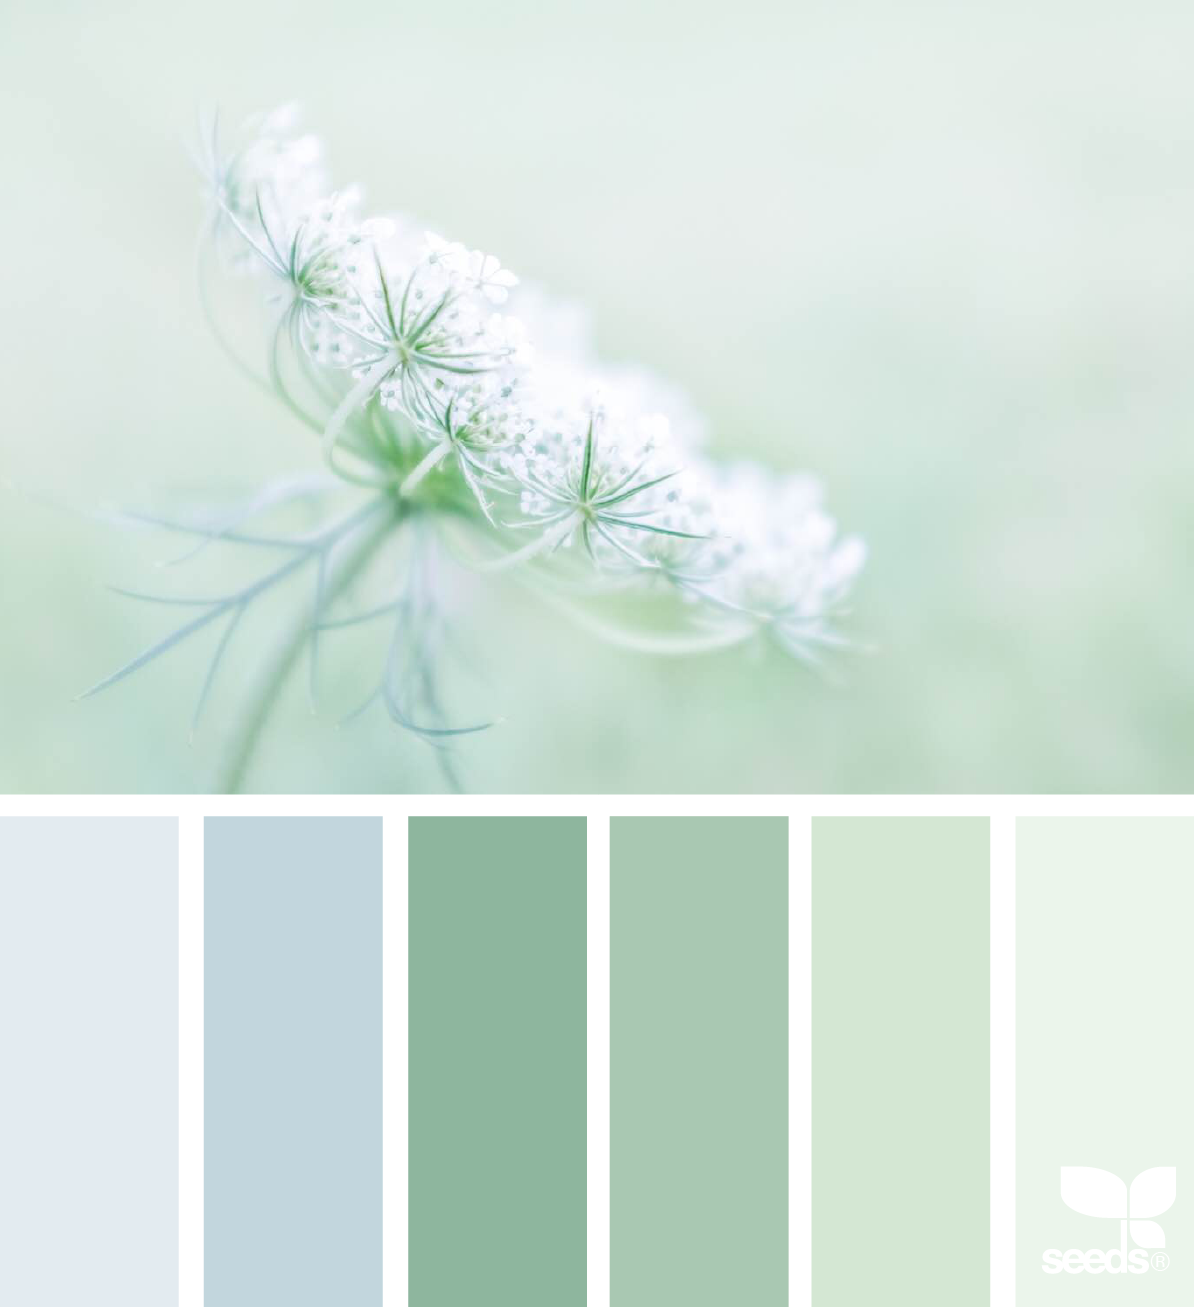 человека цвет зеленый холодный картинки изготавливался основе